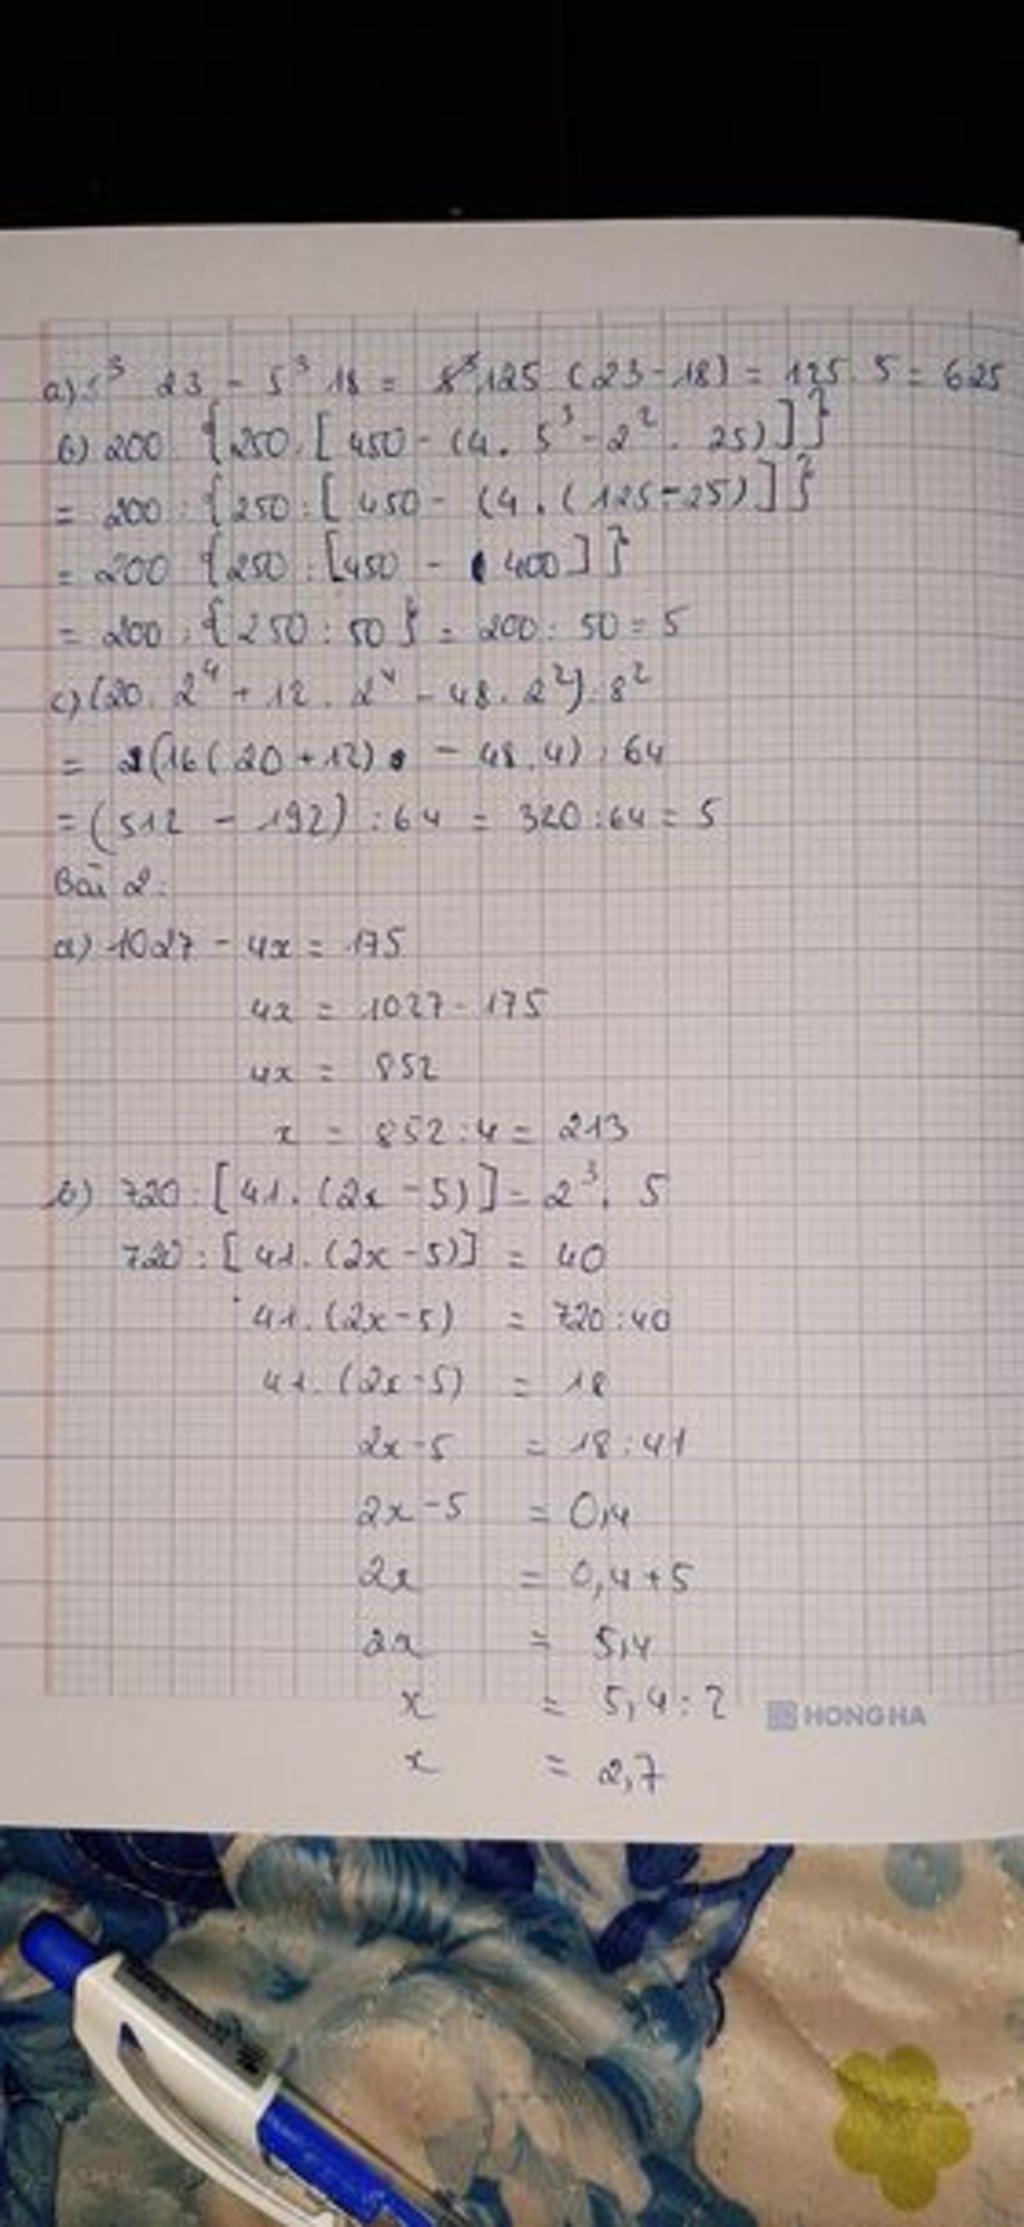 bai-1-tinh-hop-ly-neu-co-a-5mu3nhan23-5mu3nhan18-b-200-250-450-4nhan5mu3-2mu2nhan25-c-20nhan2mu4